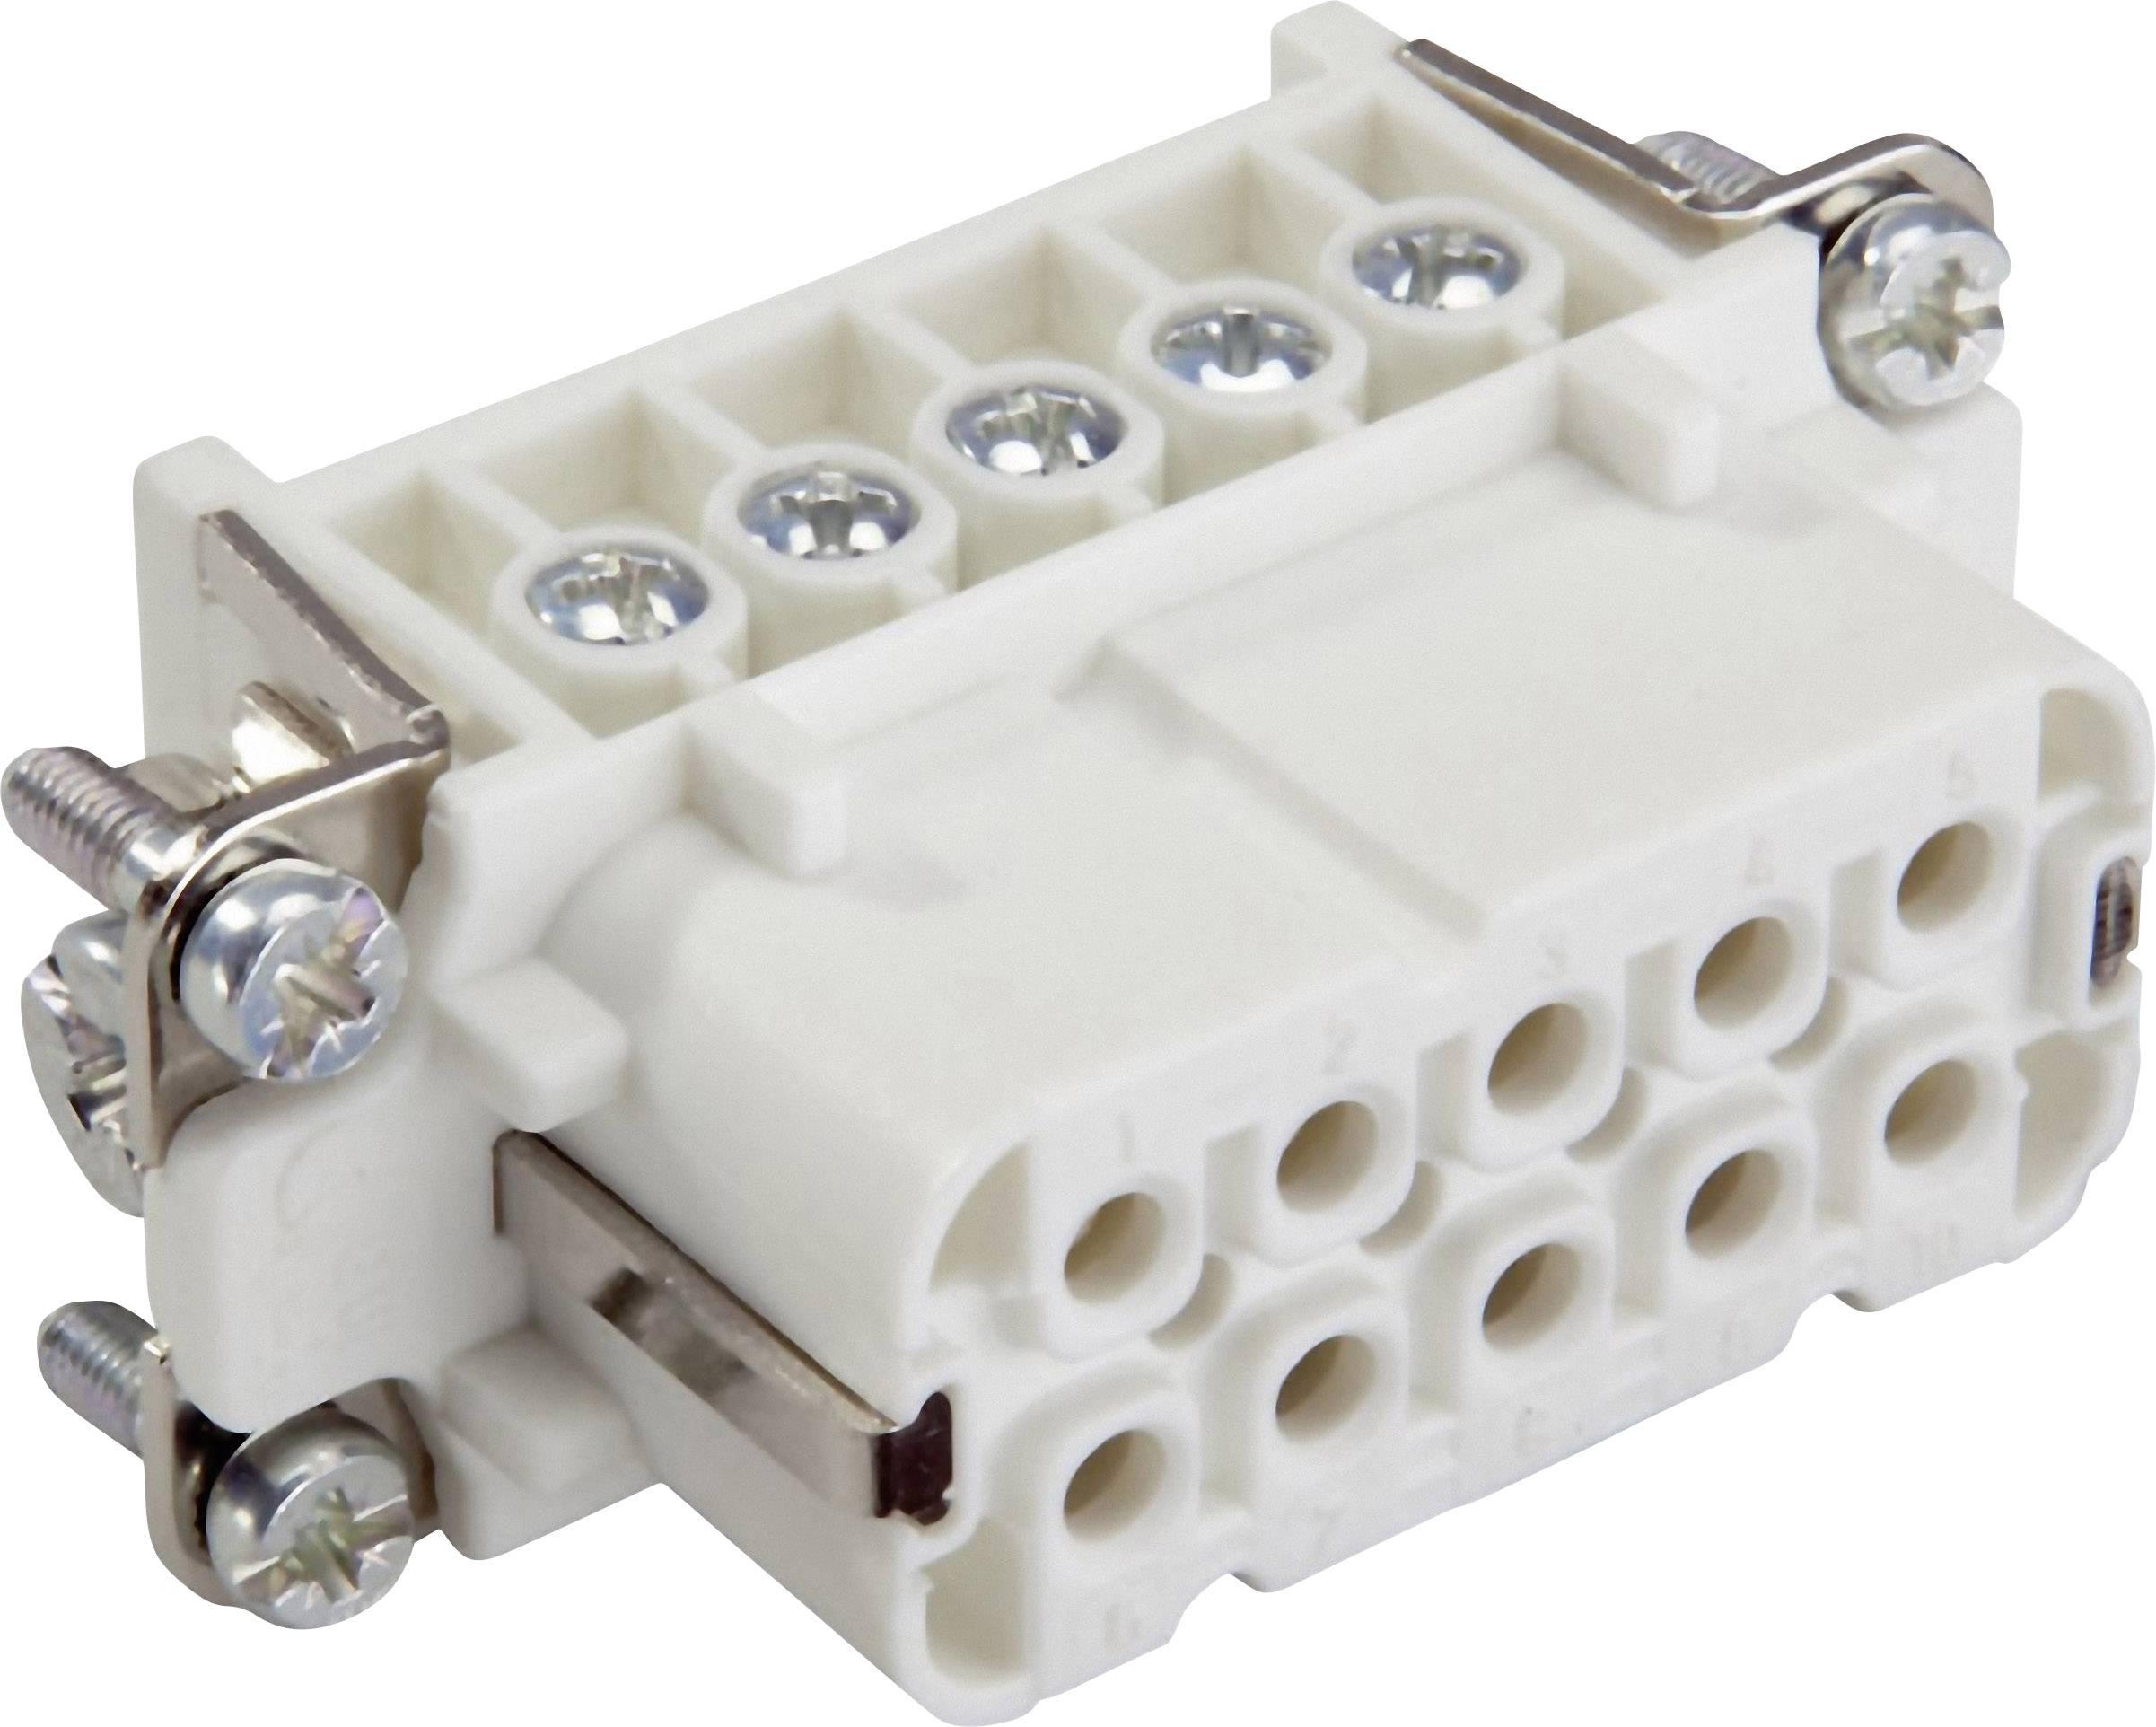 Konektorová vložka, zásuvka EPIC® H-A 10 10441100 LappKabel počet kontaktů 10 + PE 1 ks